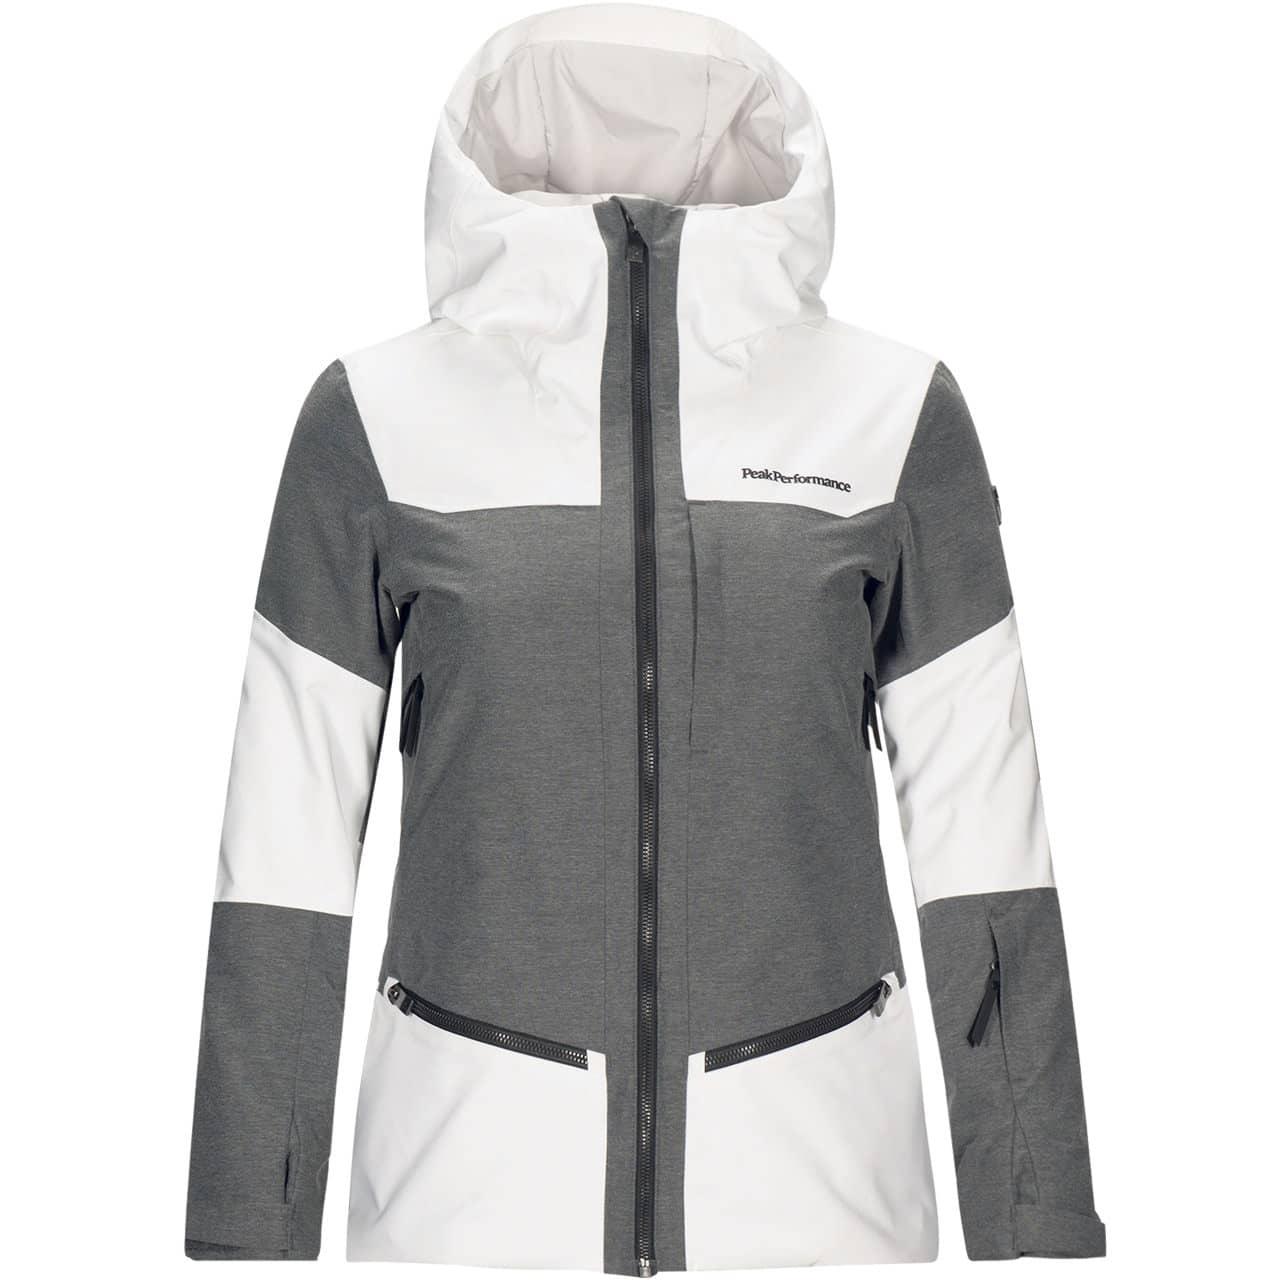 low priced 91ce1 b4e70 Peak Performance Damen Skijacken online kaufen